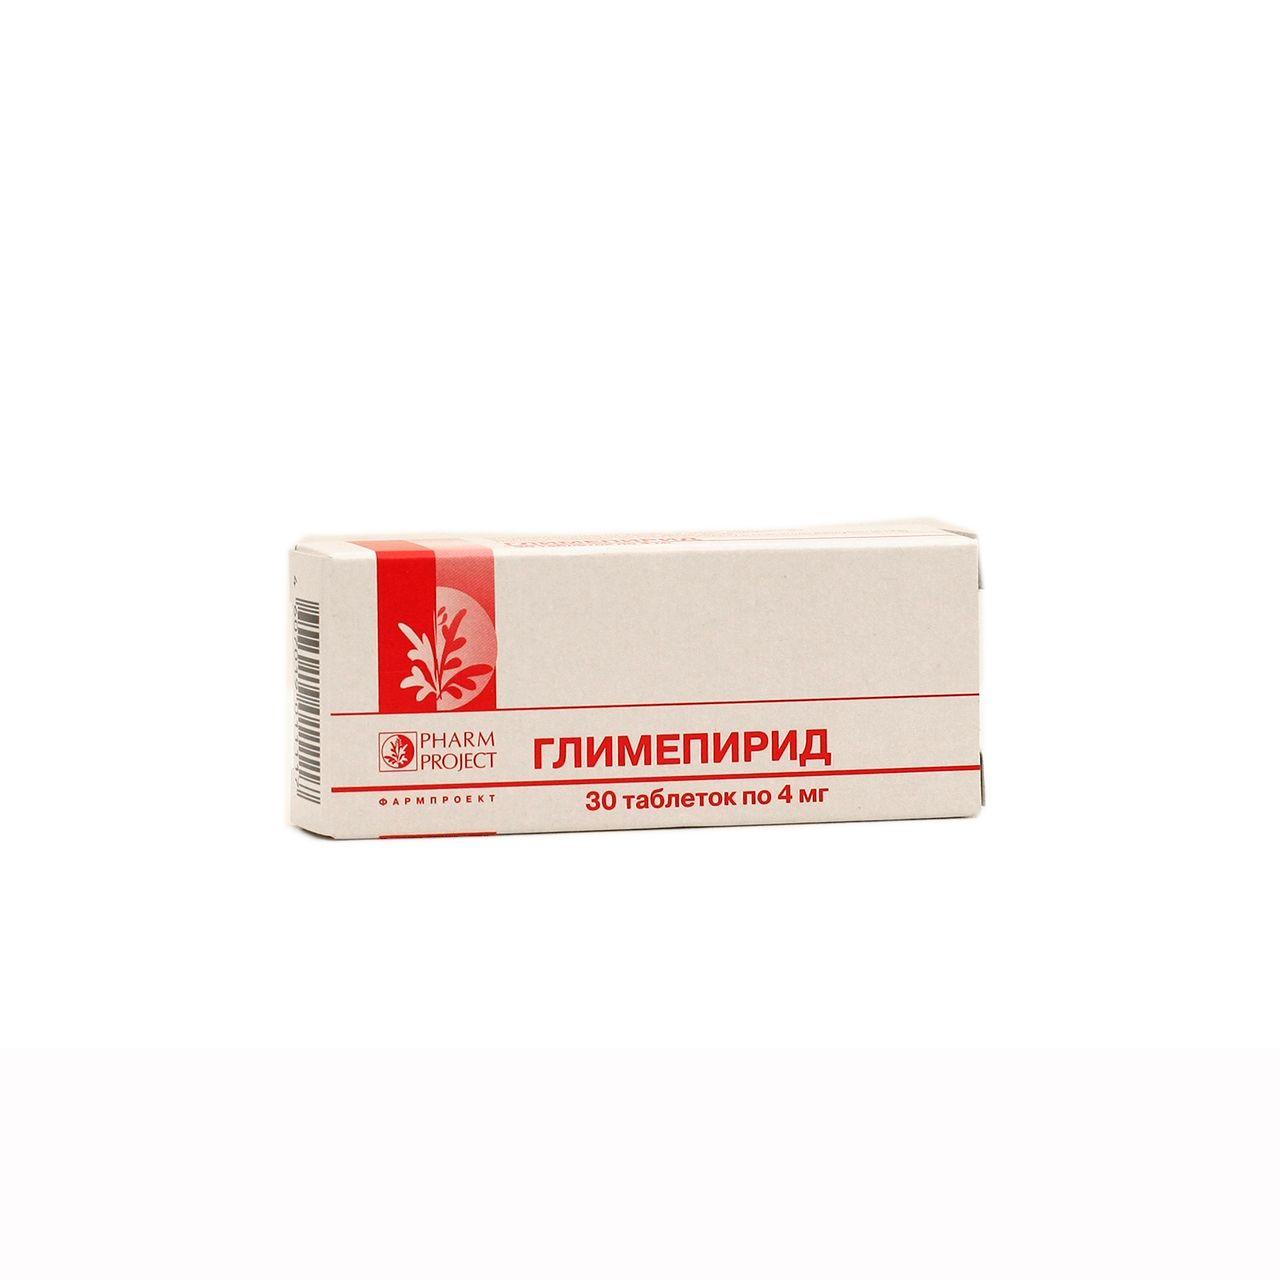 Глимепирид, 4 мг, таблетки, 30 шт.